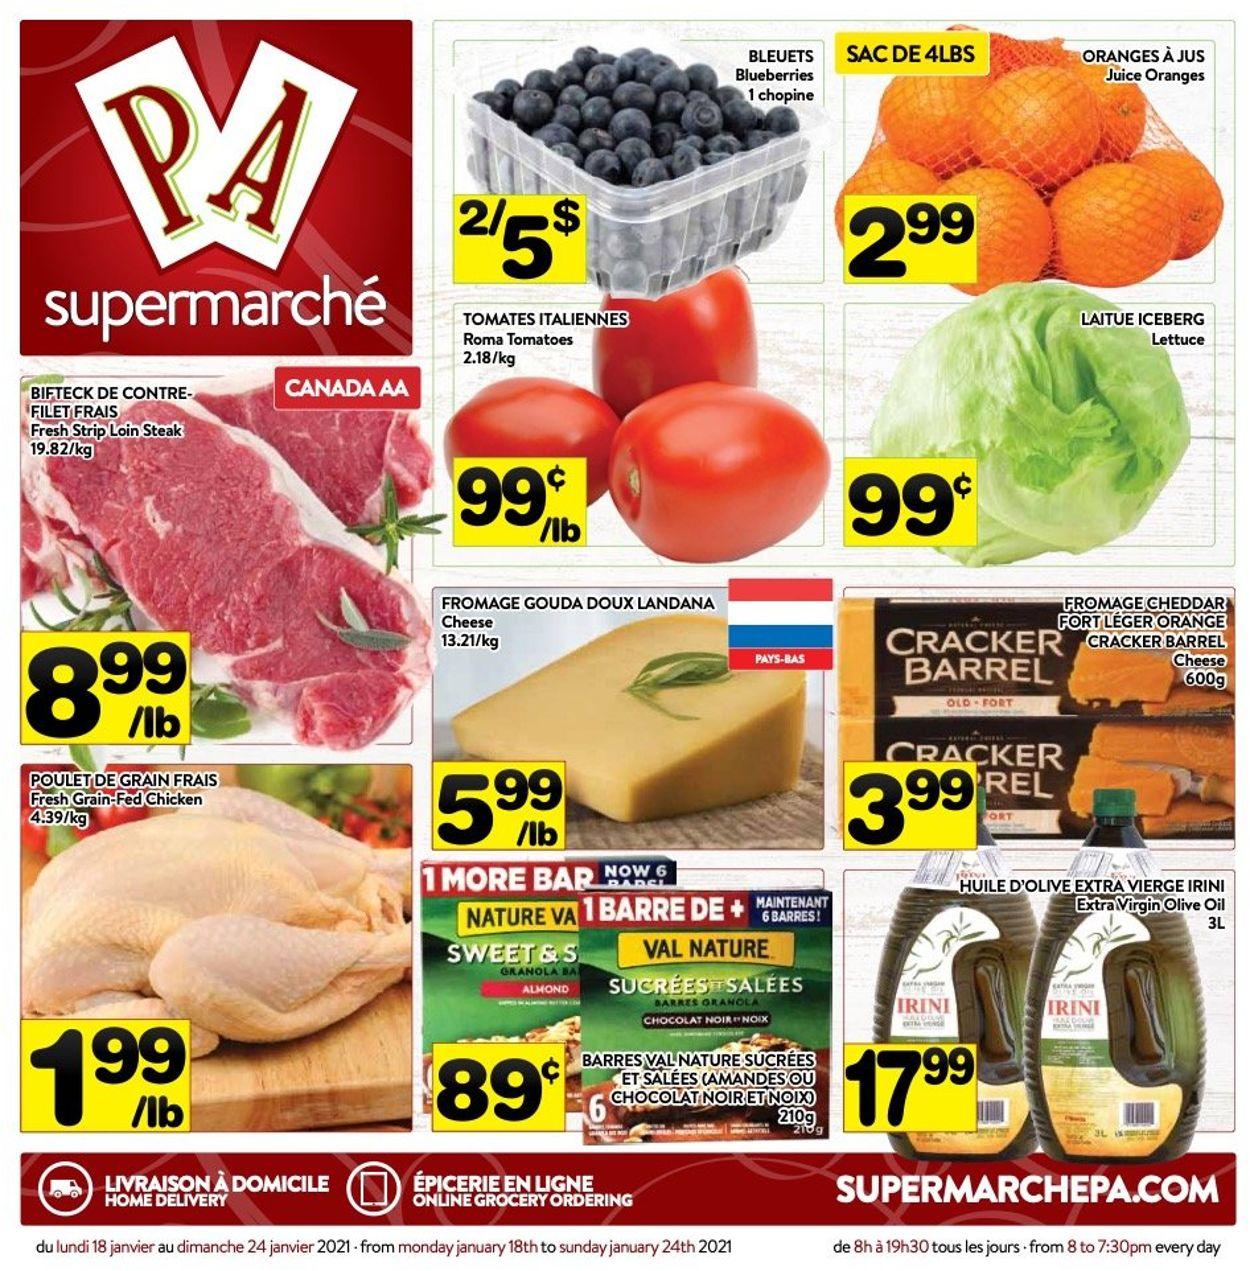 PA Supermarché Flyer - 01/18-01/24/2021